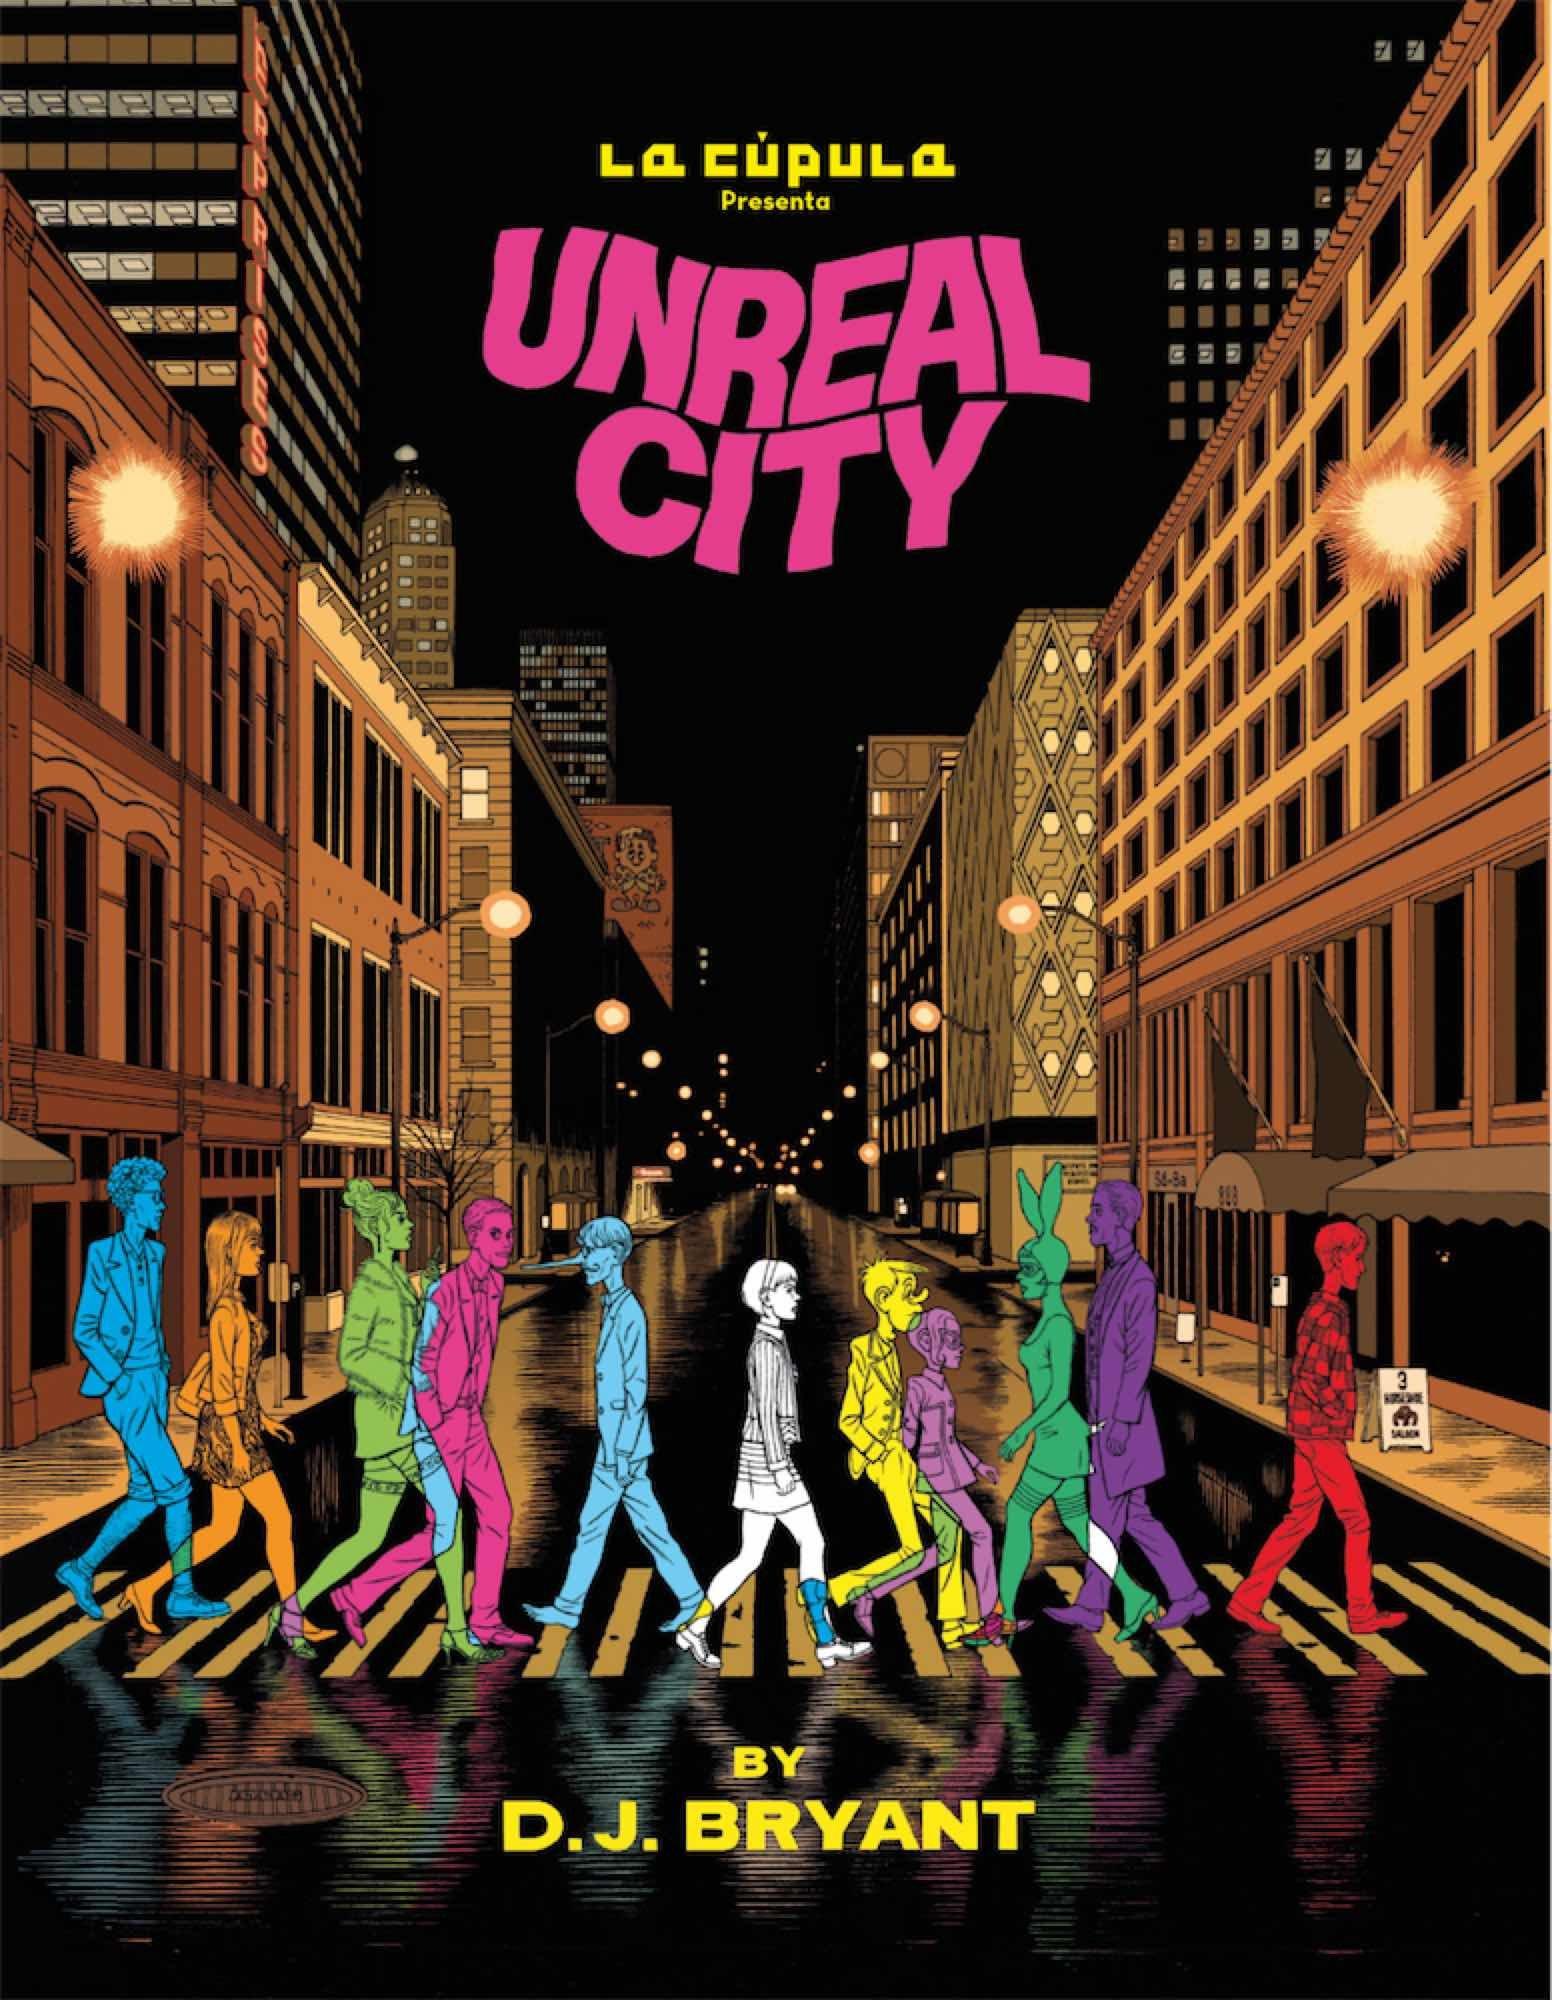 Portada libro - Unreal City